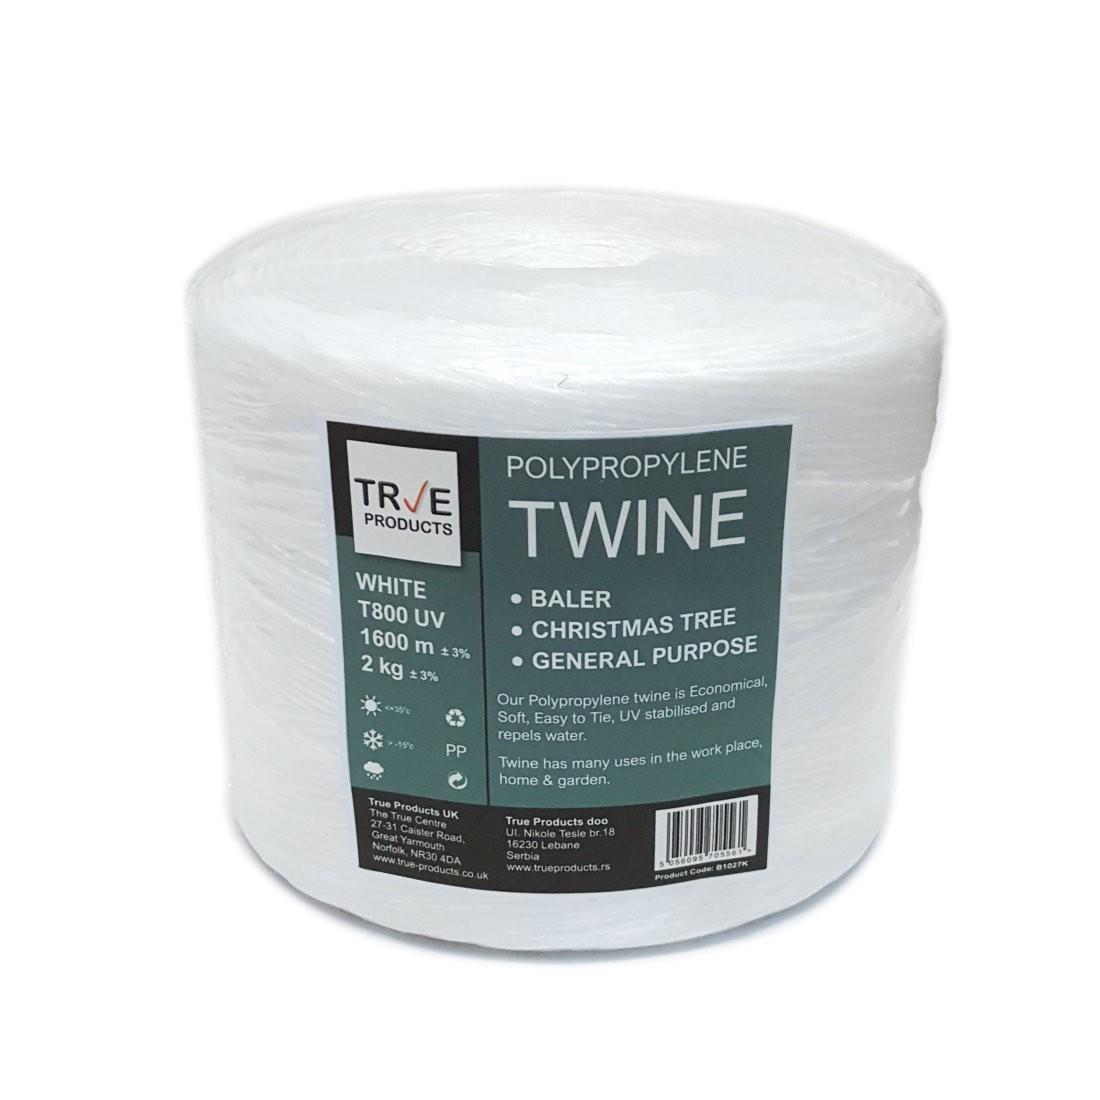 White Polypropylene Baler Twine 2kg 1600m